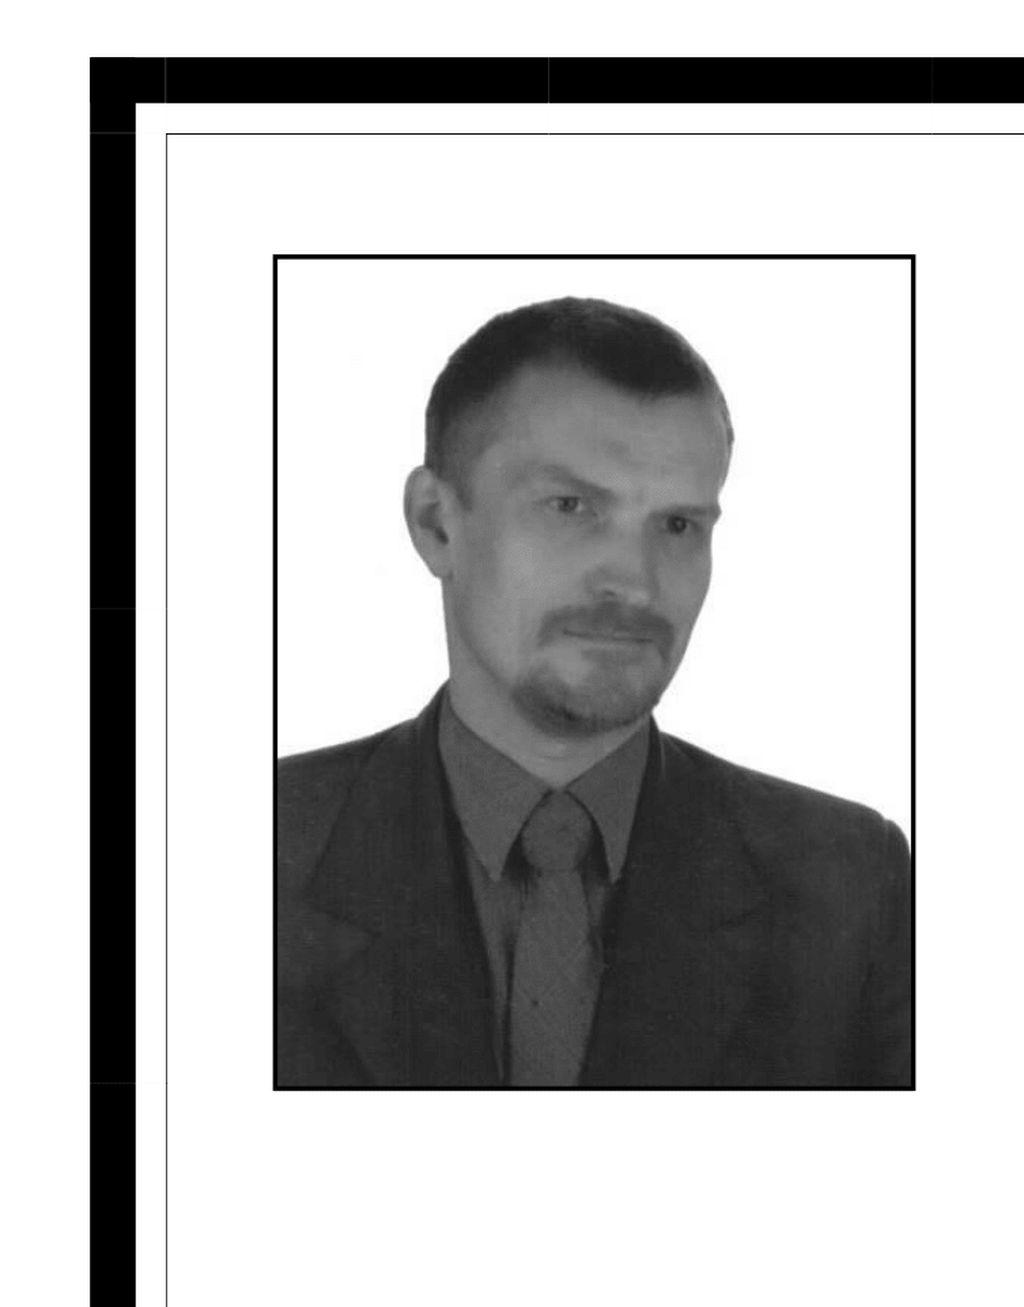 Zmarł Andrzej Leśnierowski, nauczyciel z pleszewskiego liceum - Zdjęcie główne